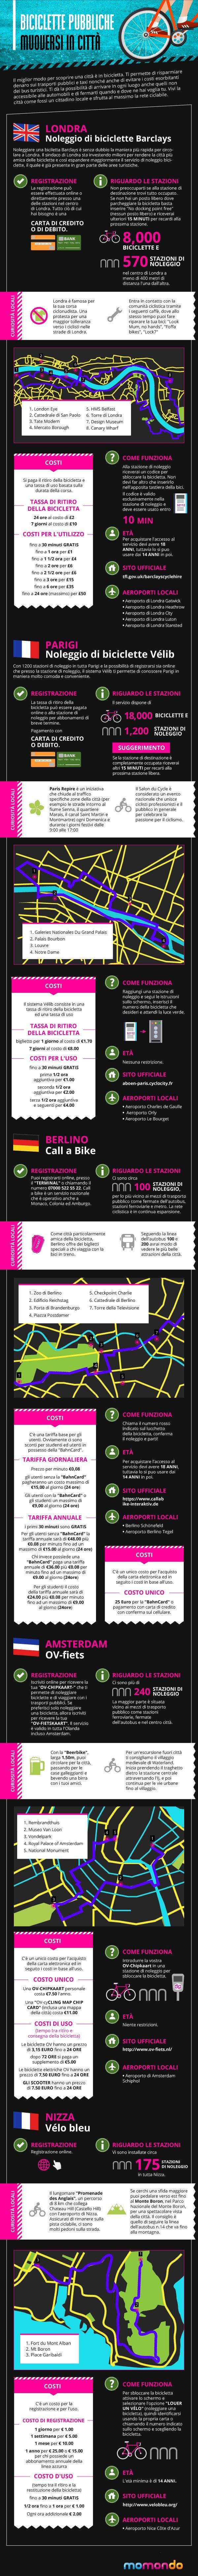 5 città con un ottimo servizio di bike sharing in #Europa – momondo #bikesharing